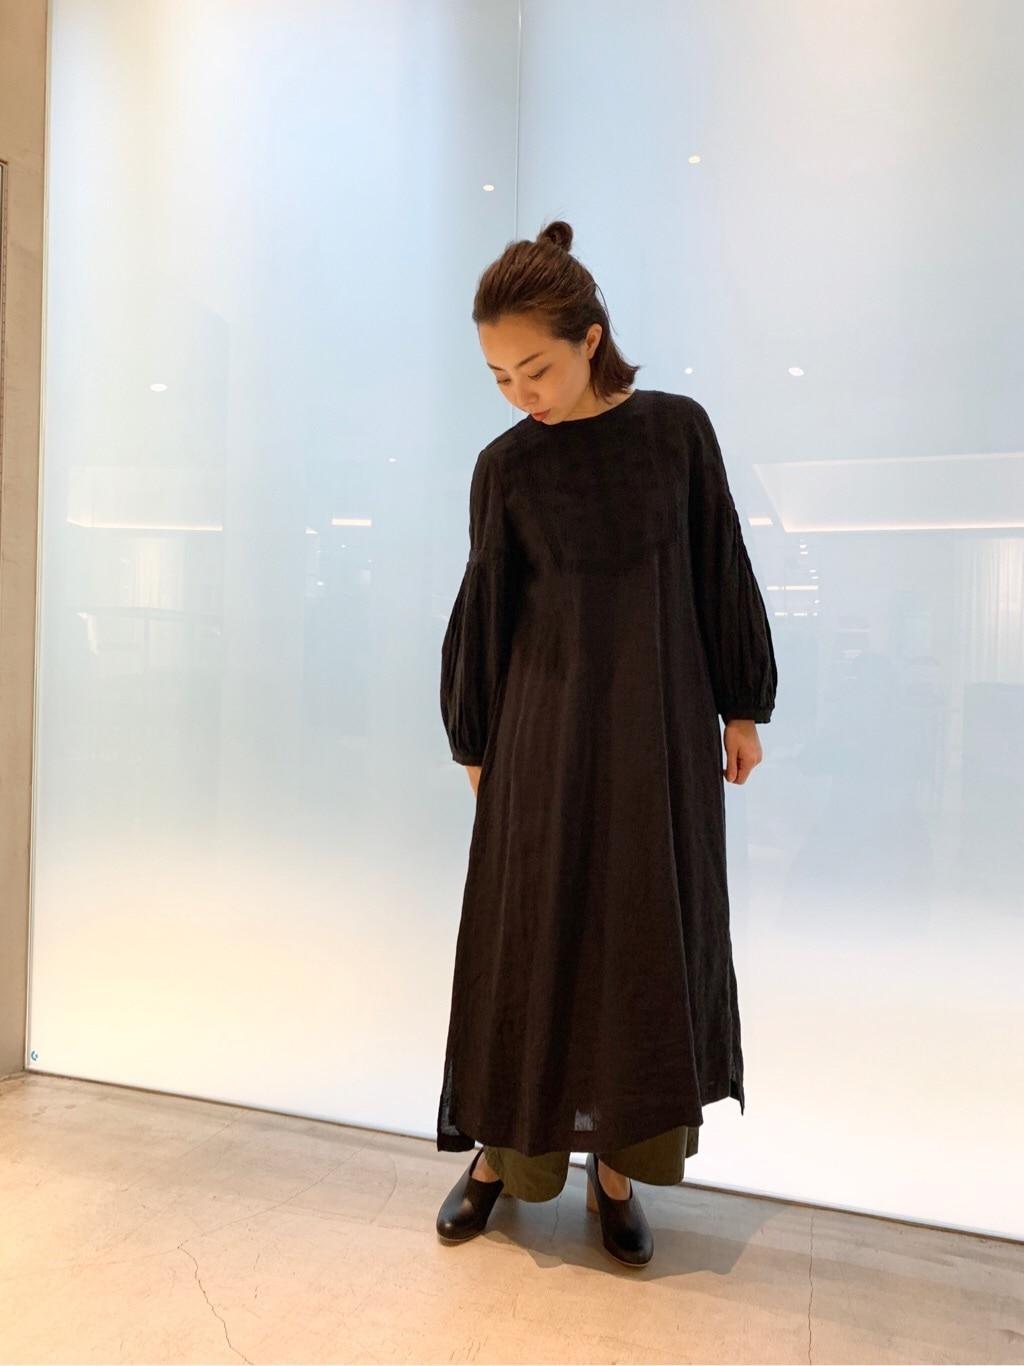 日本橋��島屋S.C. 2019.12.19